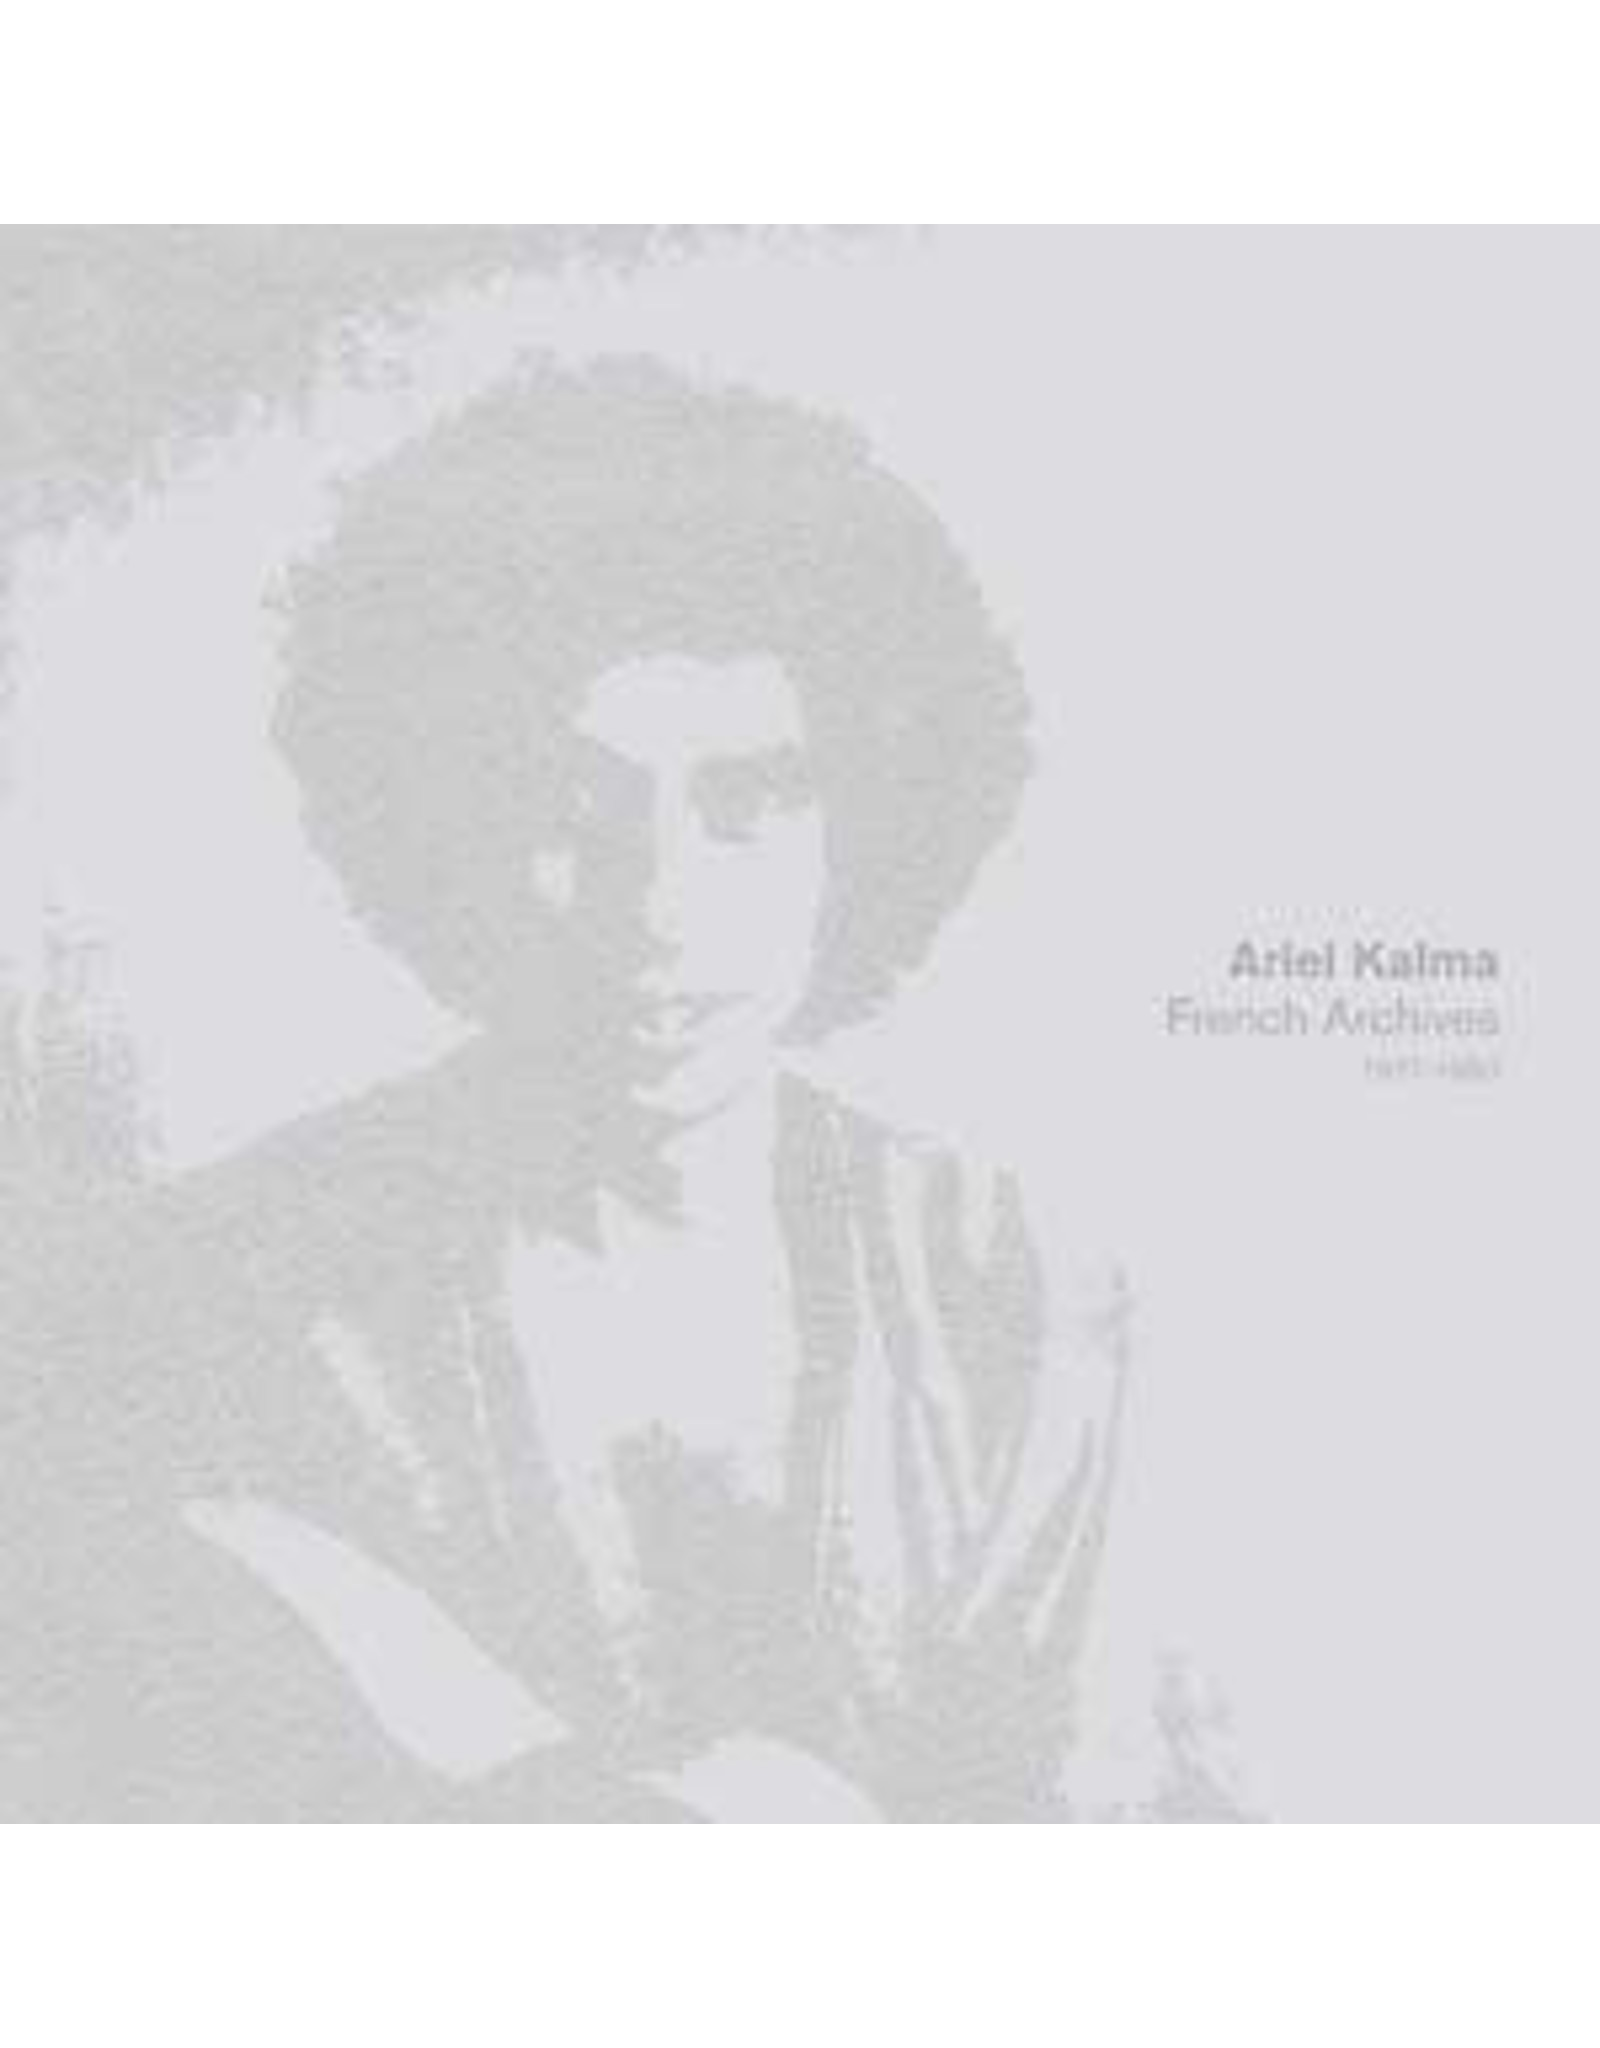 Kalma, A: Archives 4LP BOX